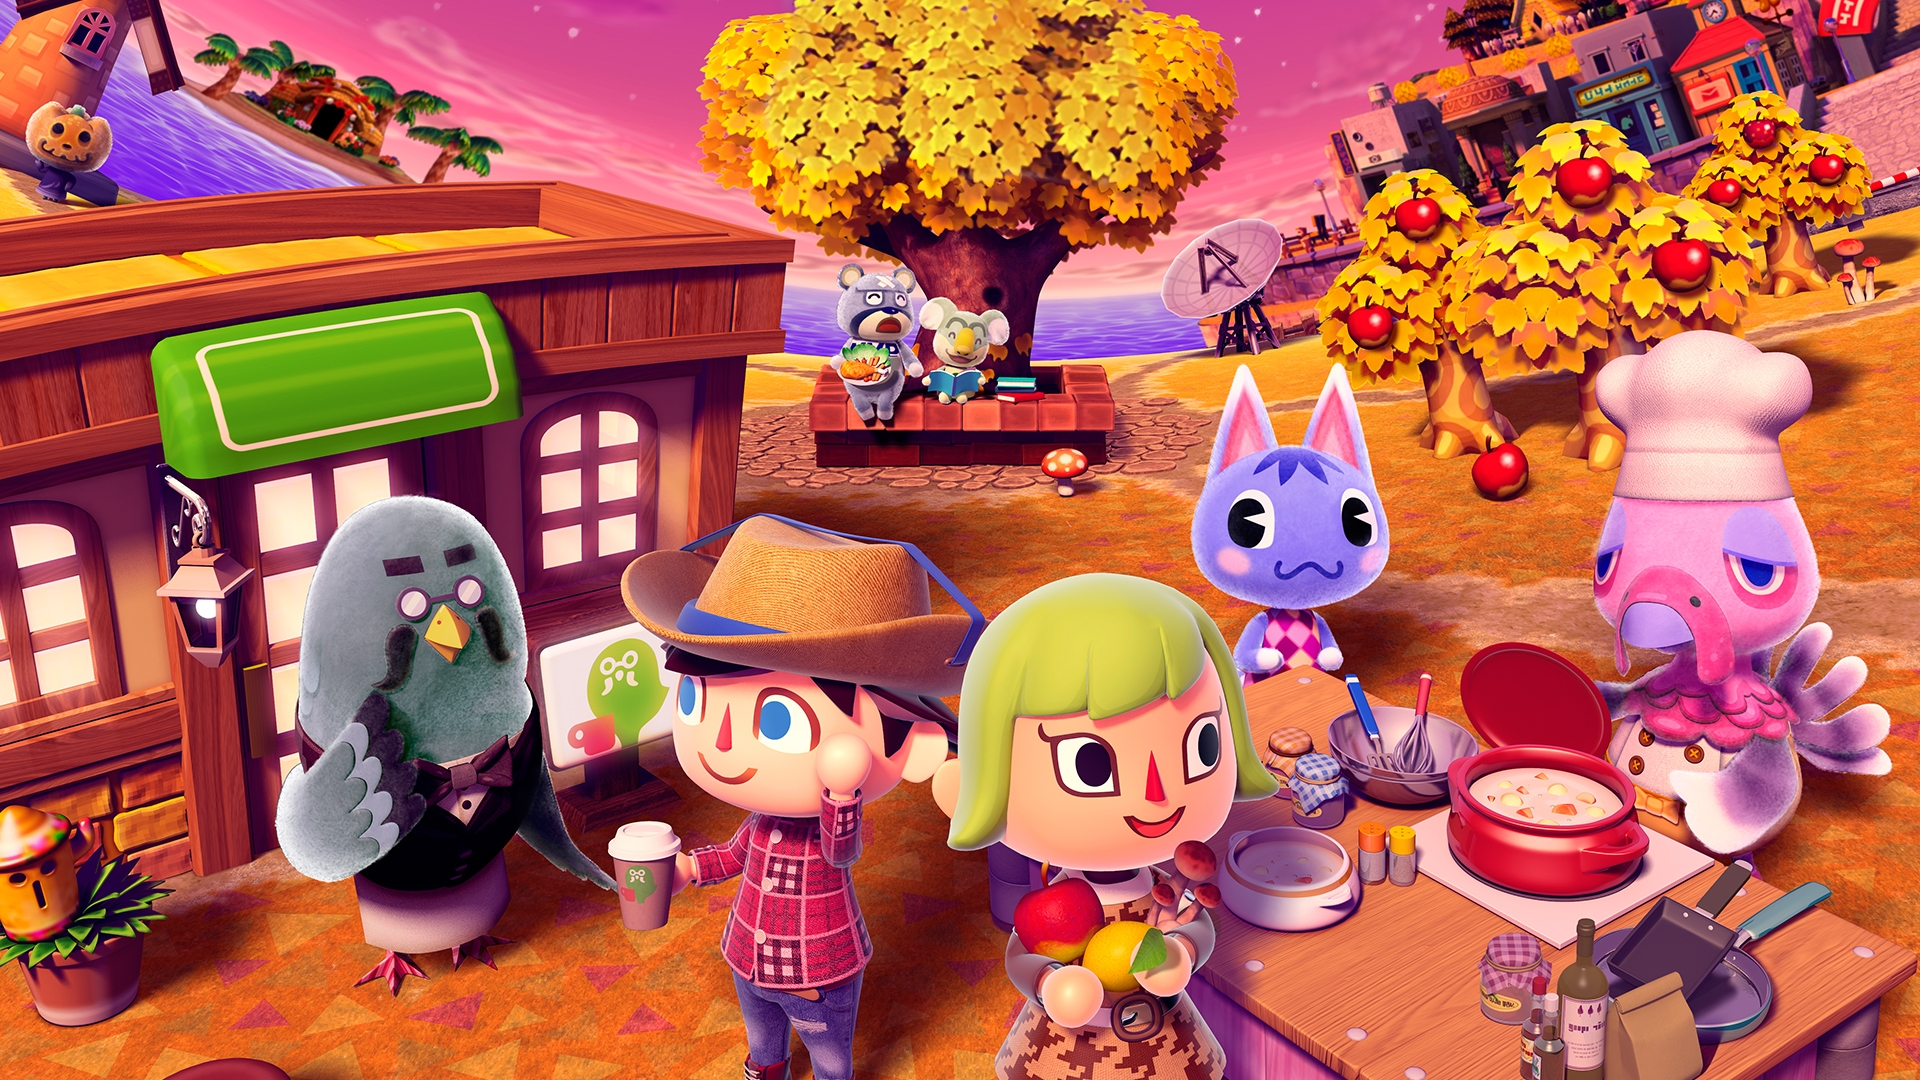 Fondos de pantalla Animal Crossing